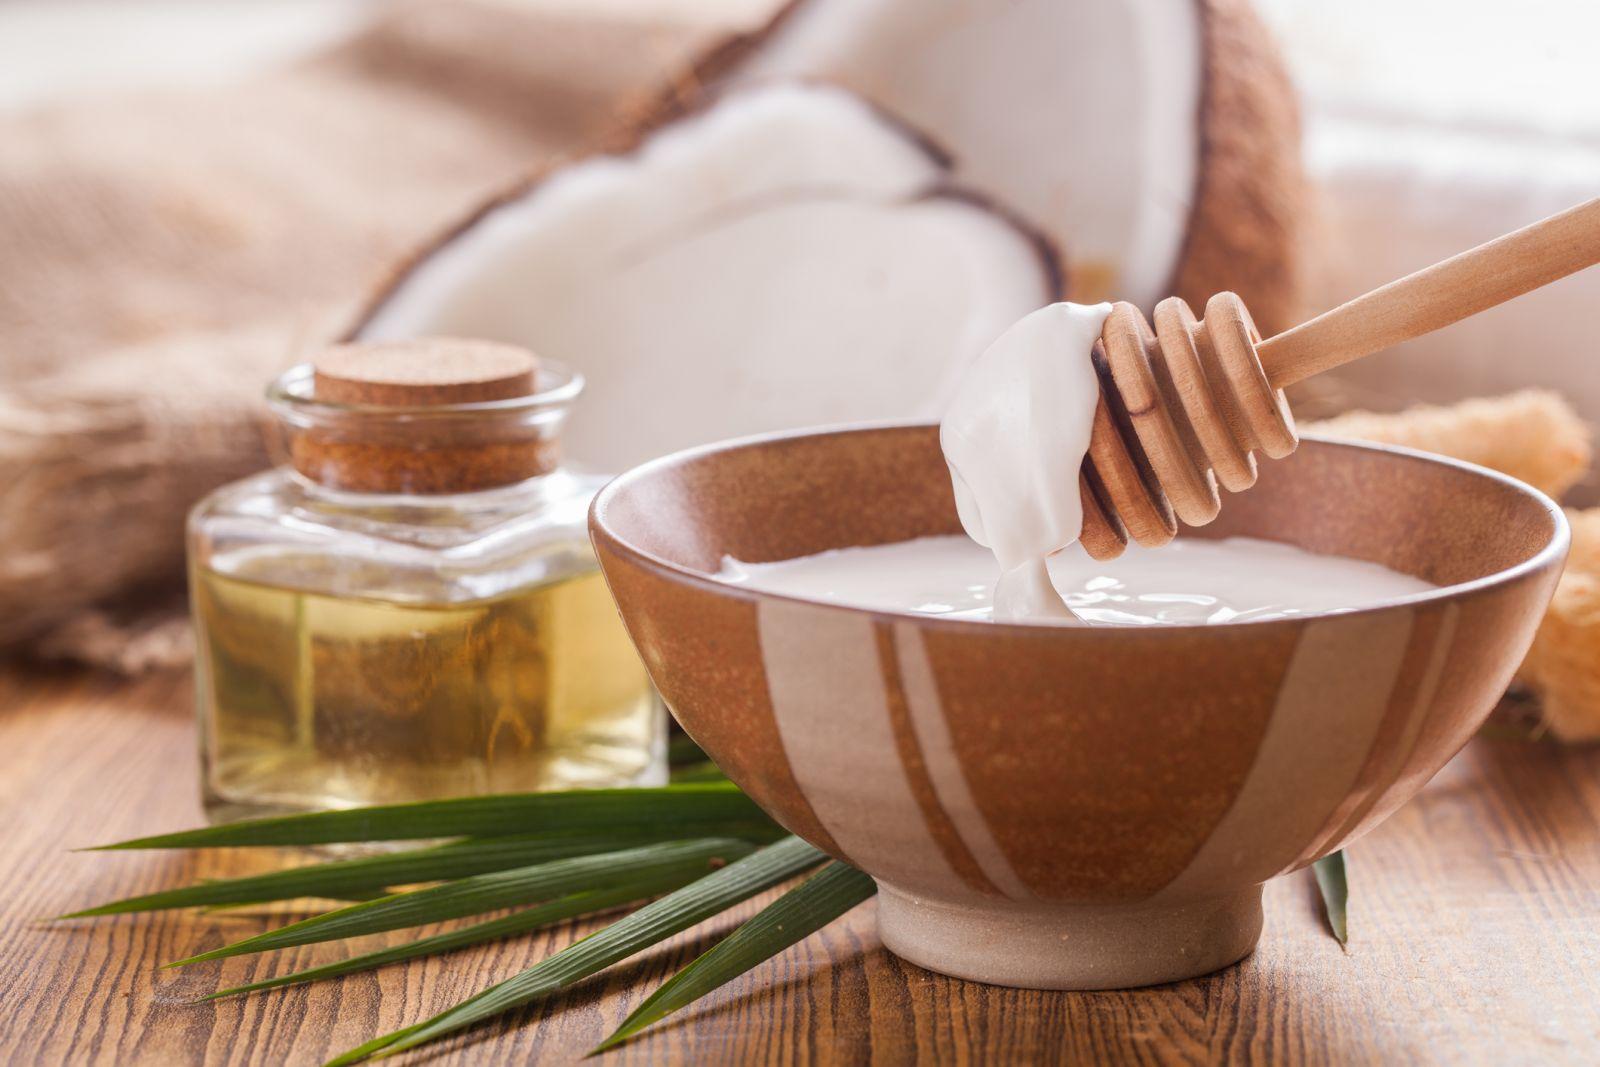 درمانی تقریبی سرع و تشنج با مصرف روغن نارگیل خوراکی